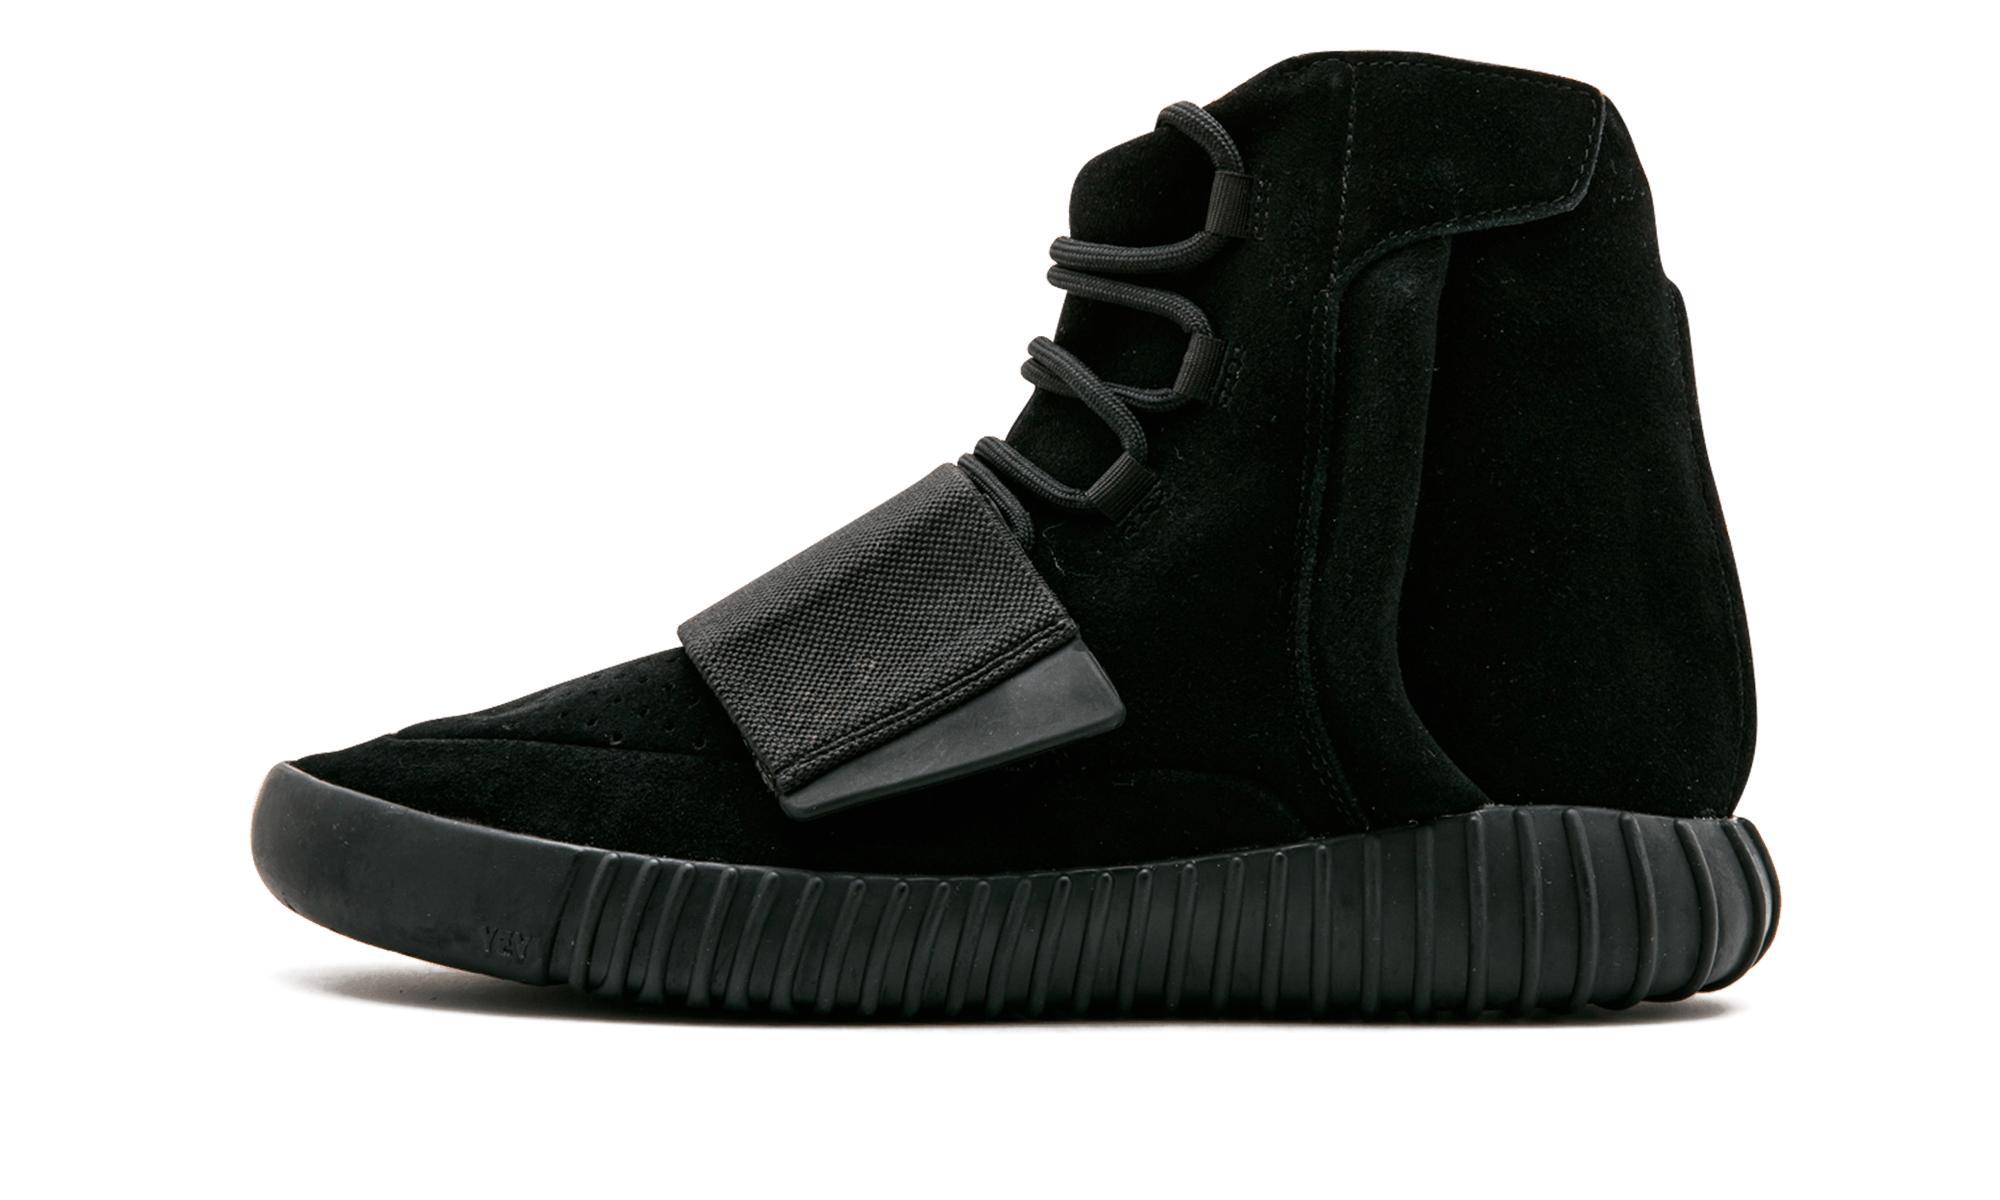 581cb6fec1f Lyst - adidas Yeezy 750 Boost in Black